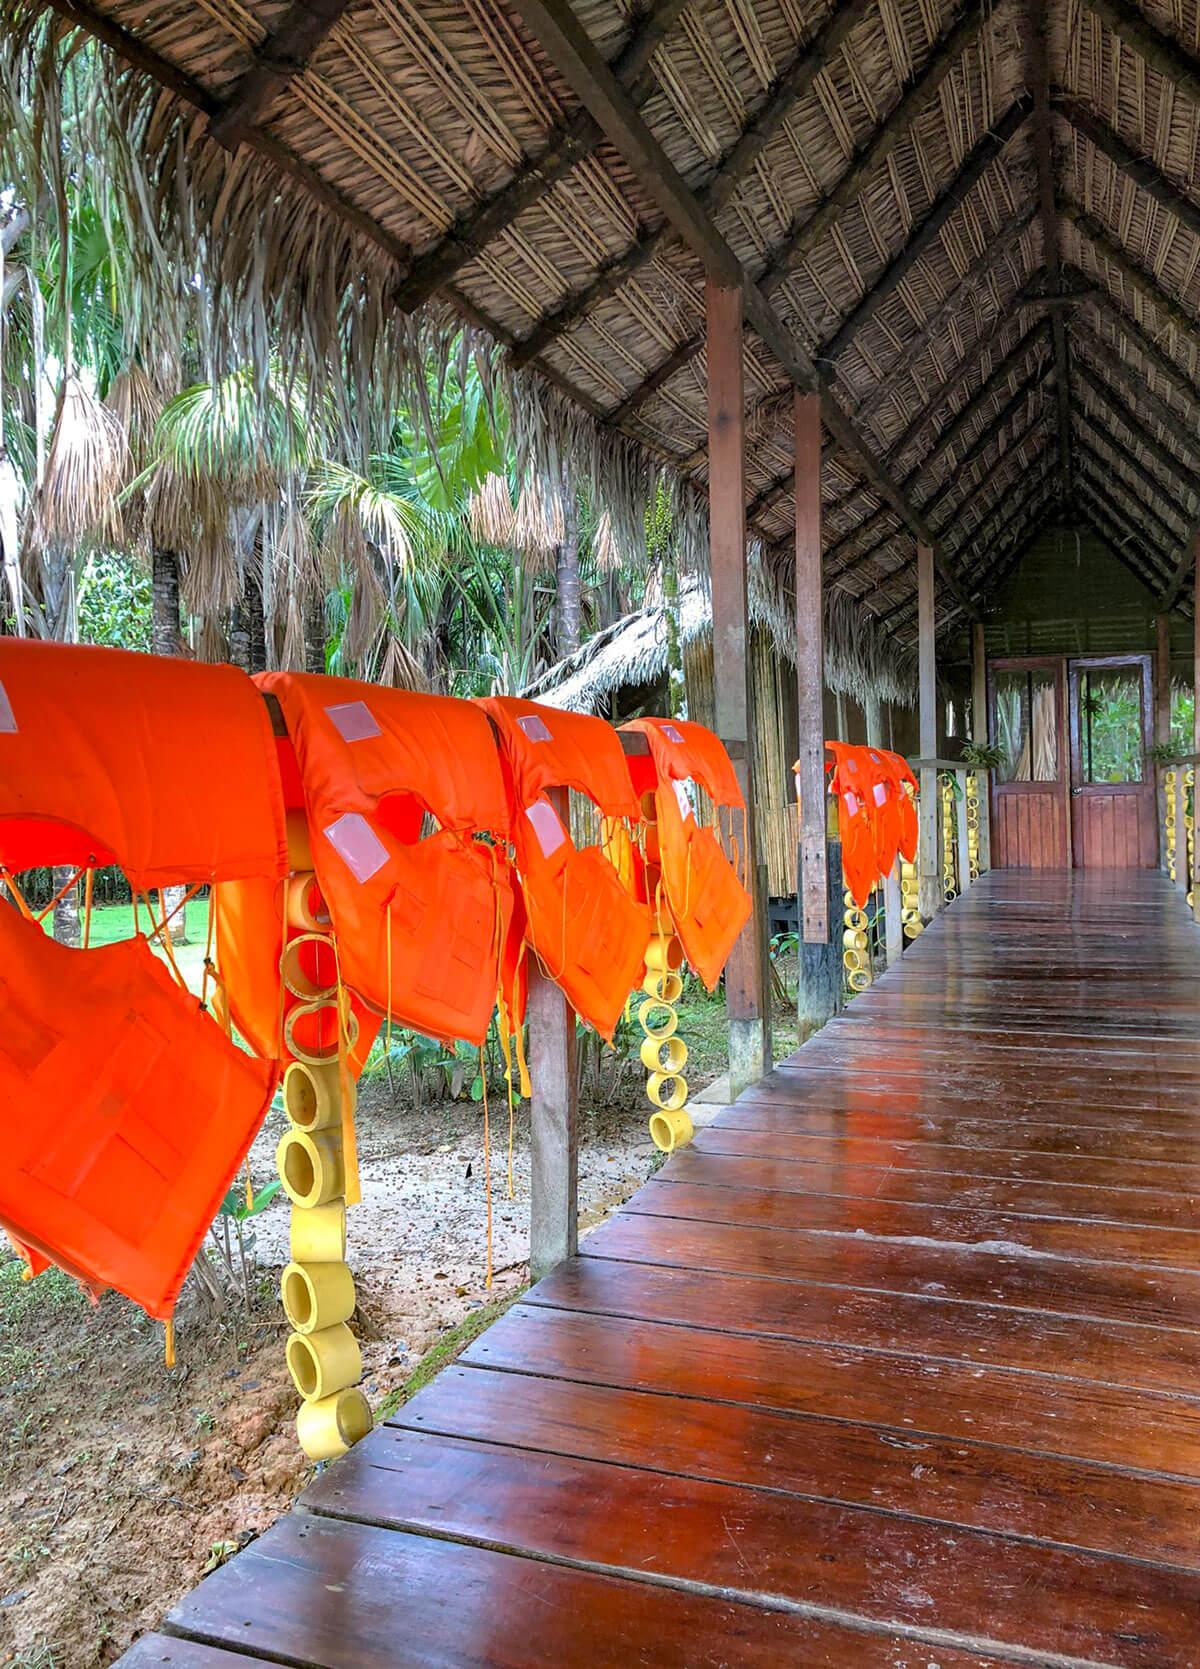 Peru Lodge: Pacaya Samiria Amazon Lodge